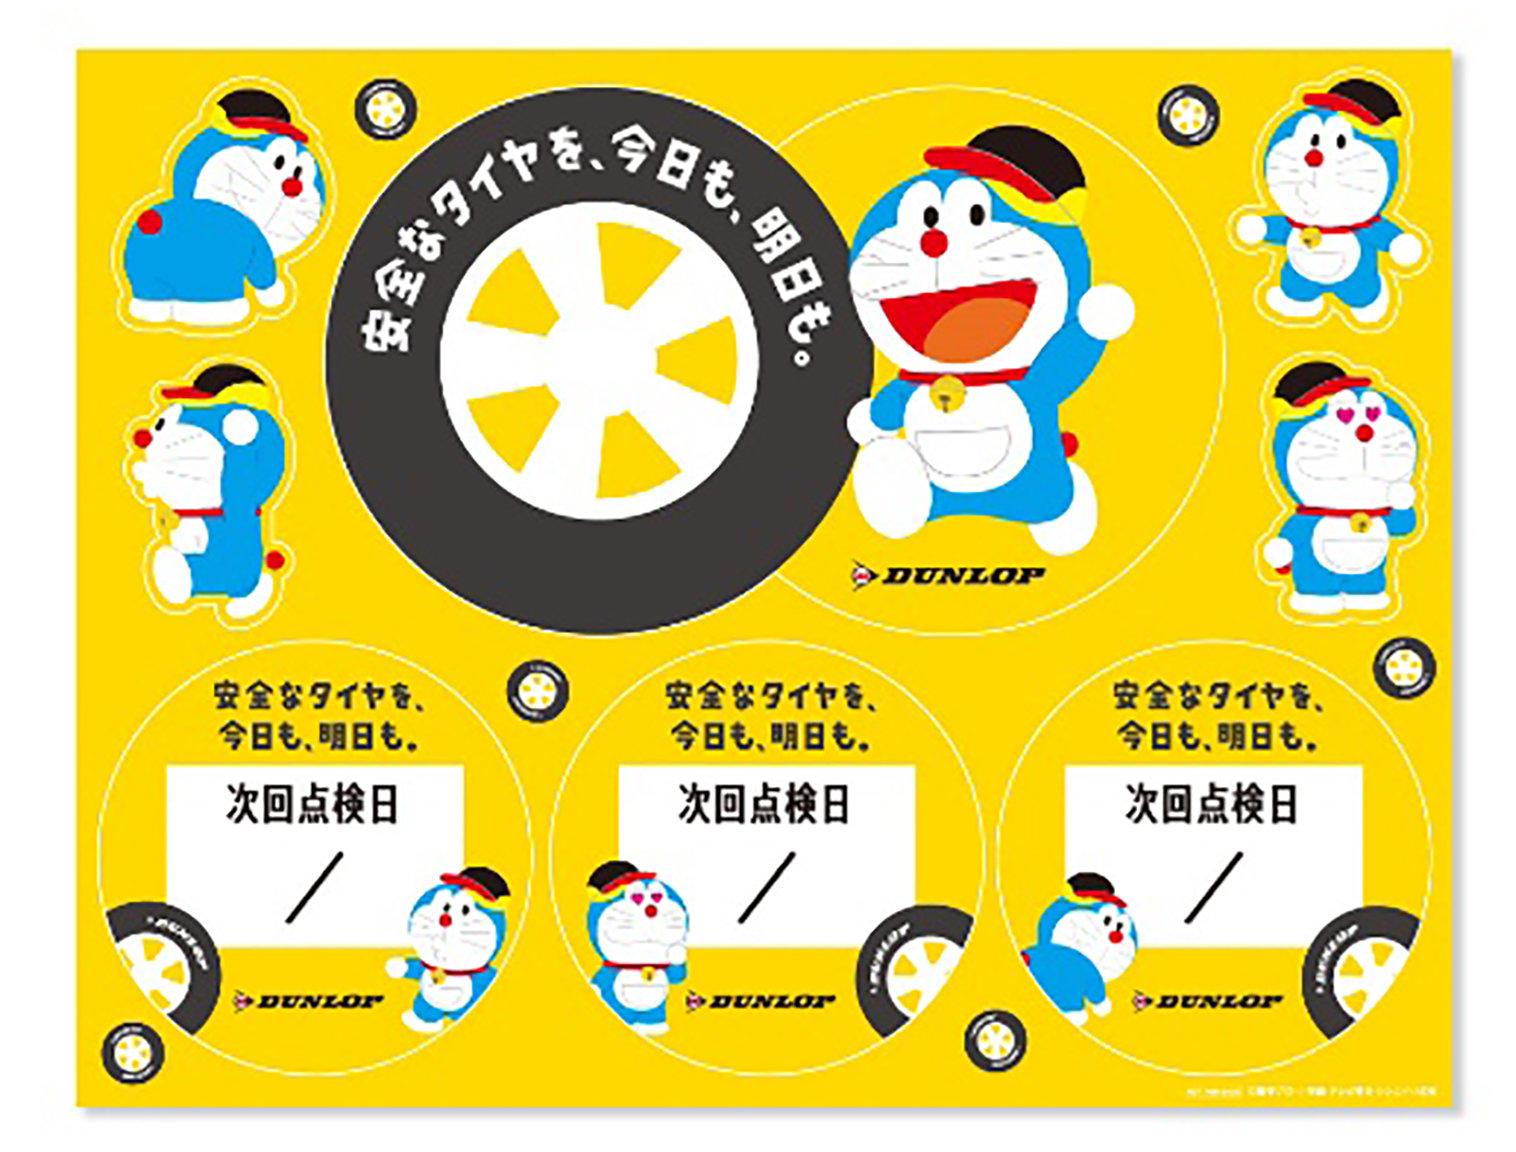 『#笑顔のためにタイヤ点検』SNSキャンペーン